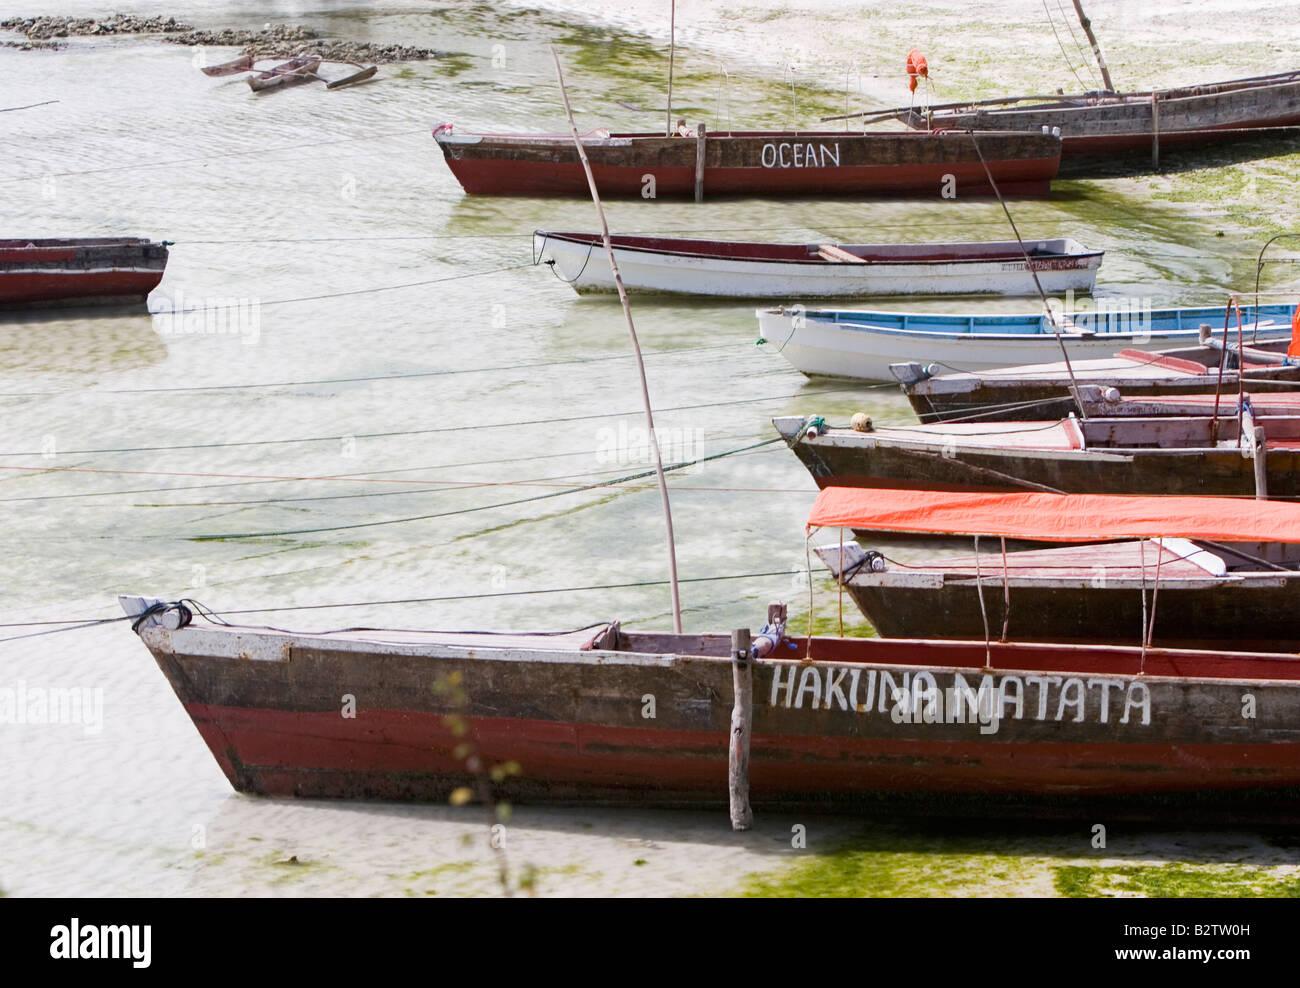 znzibar boats - Stock Image